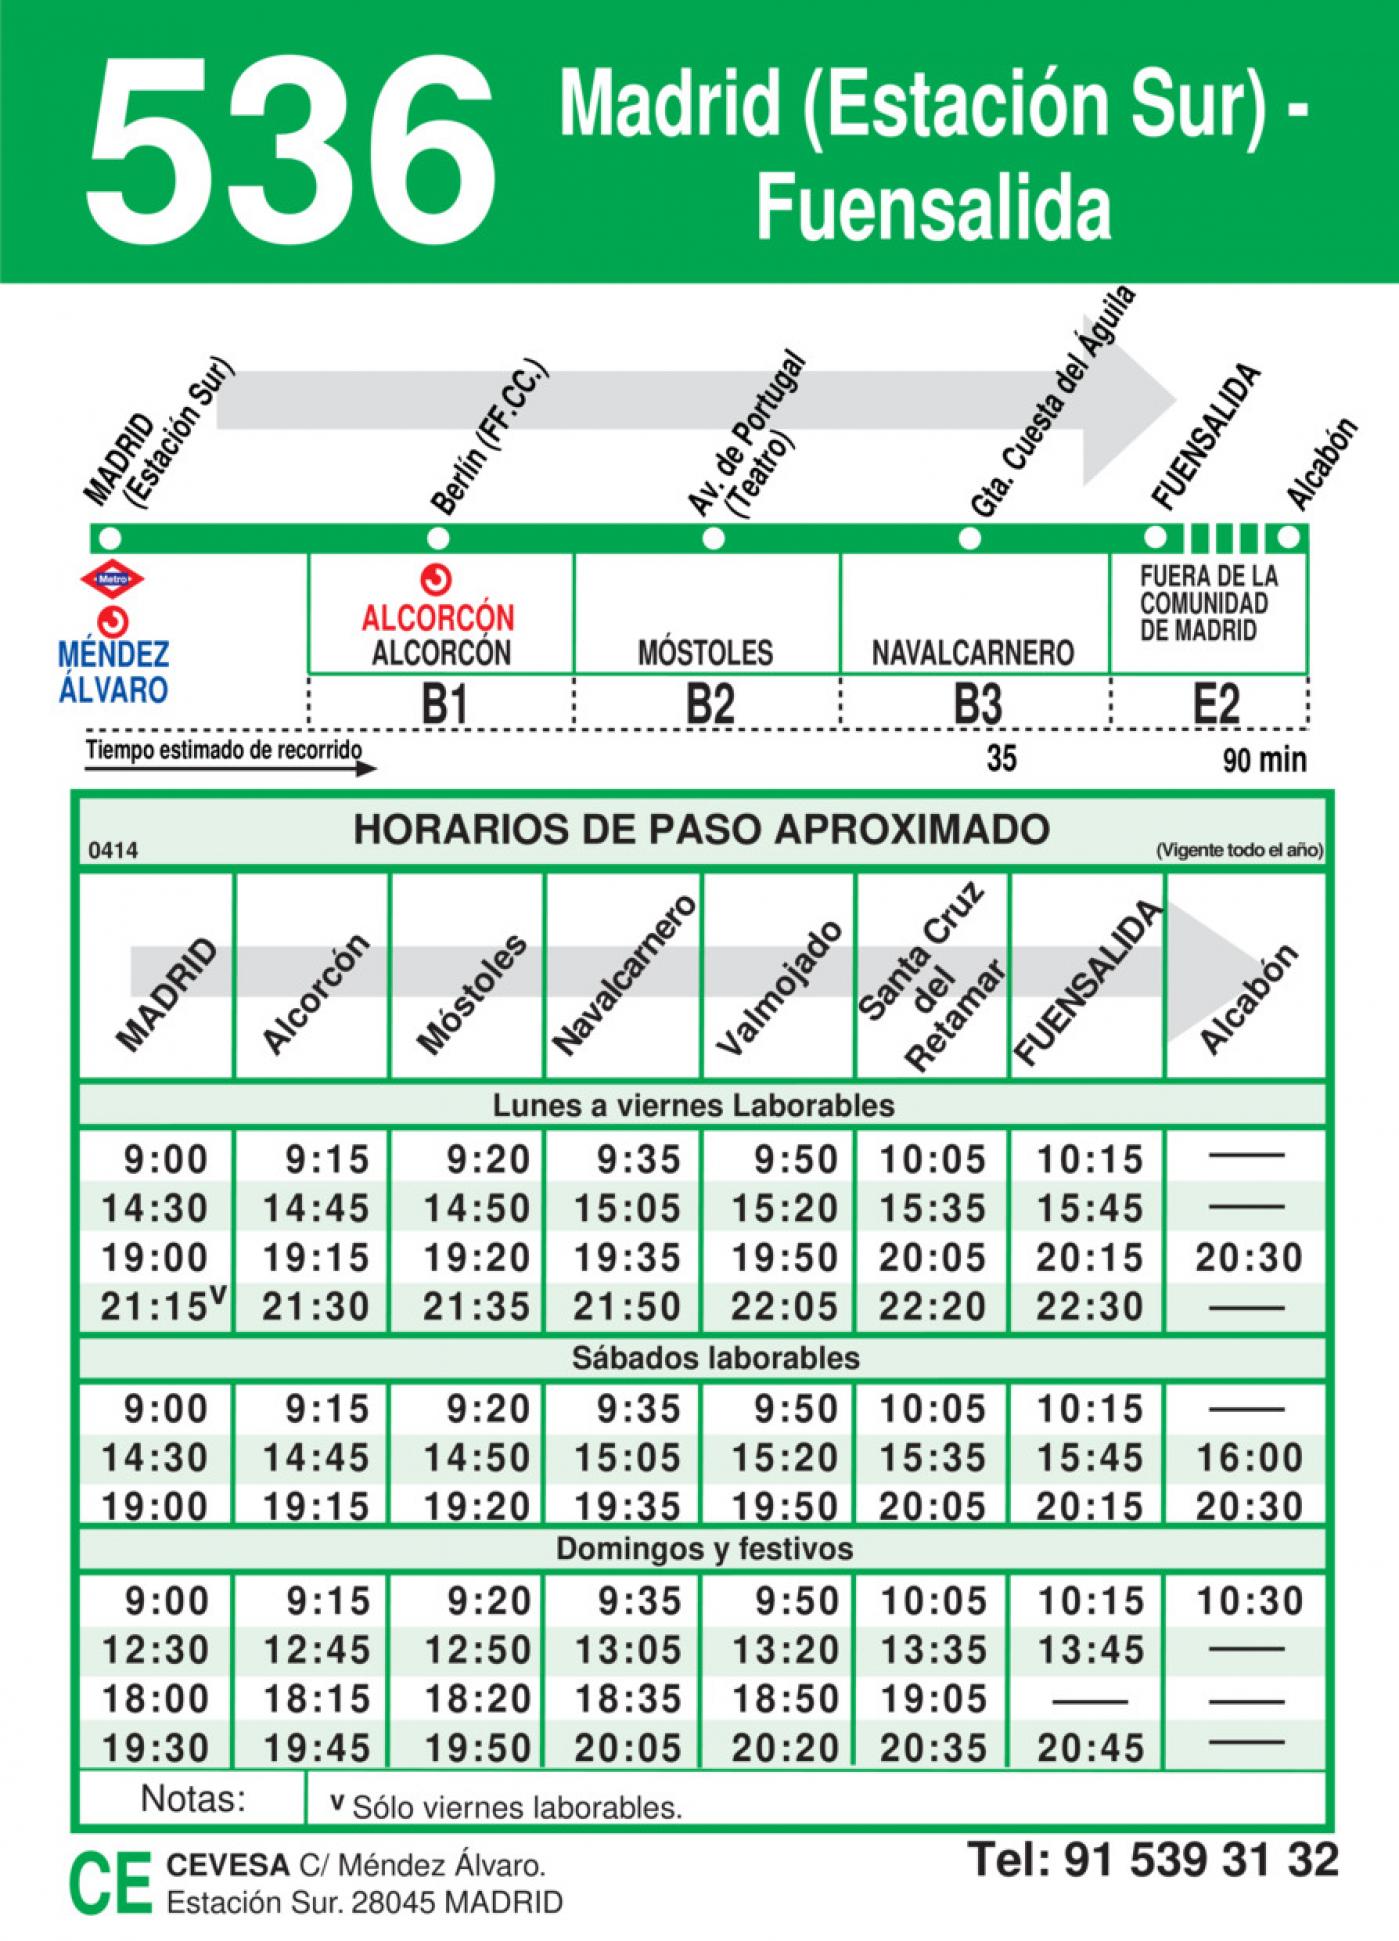 Tabla de horarios y frecuencias de paso en sentido ida Línea 536: Madrid (Estación Sur) - Fuensalida